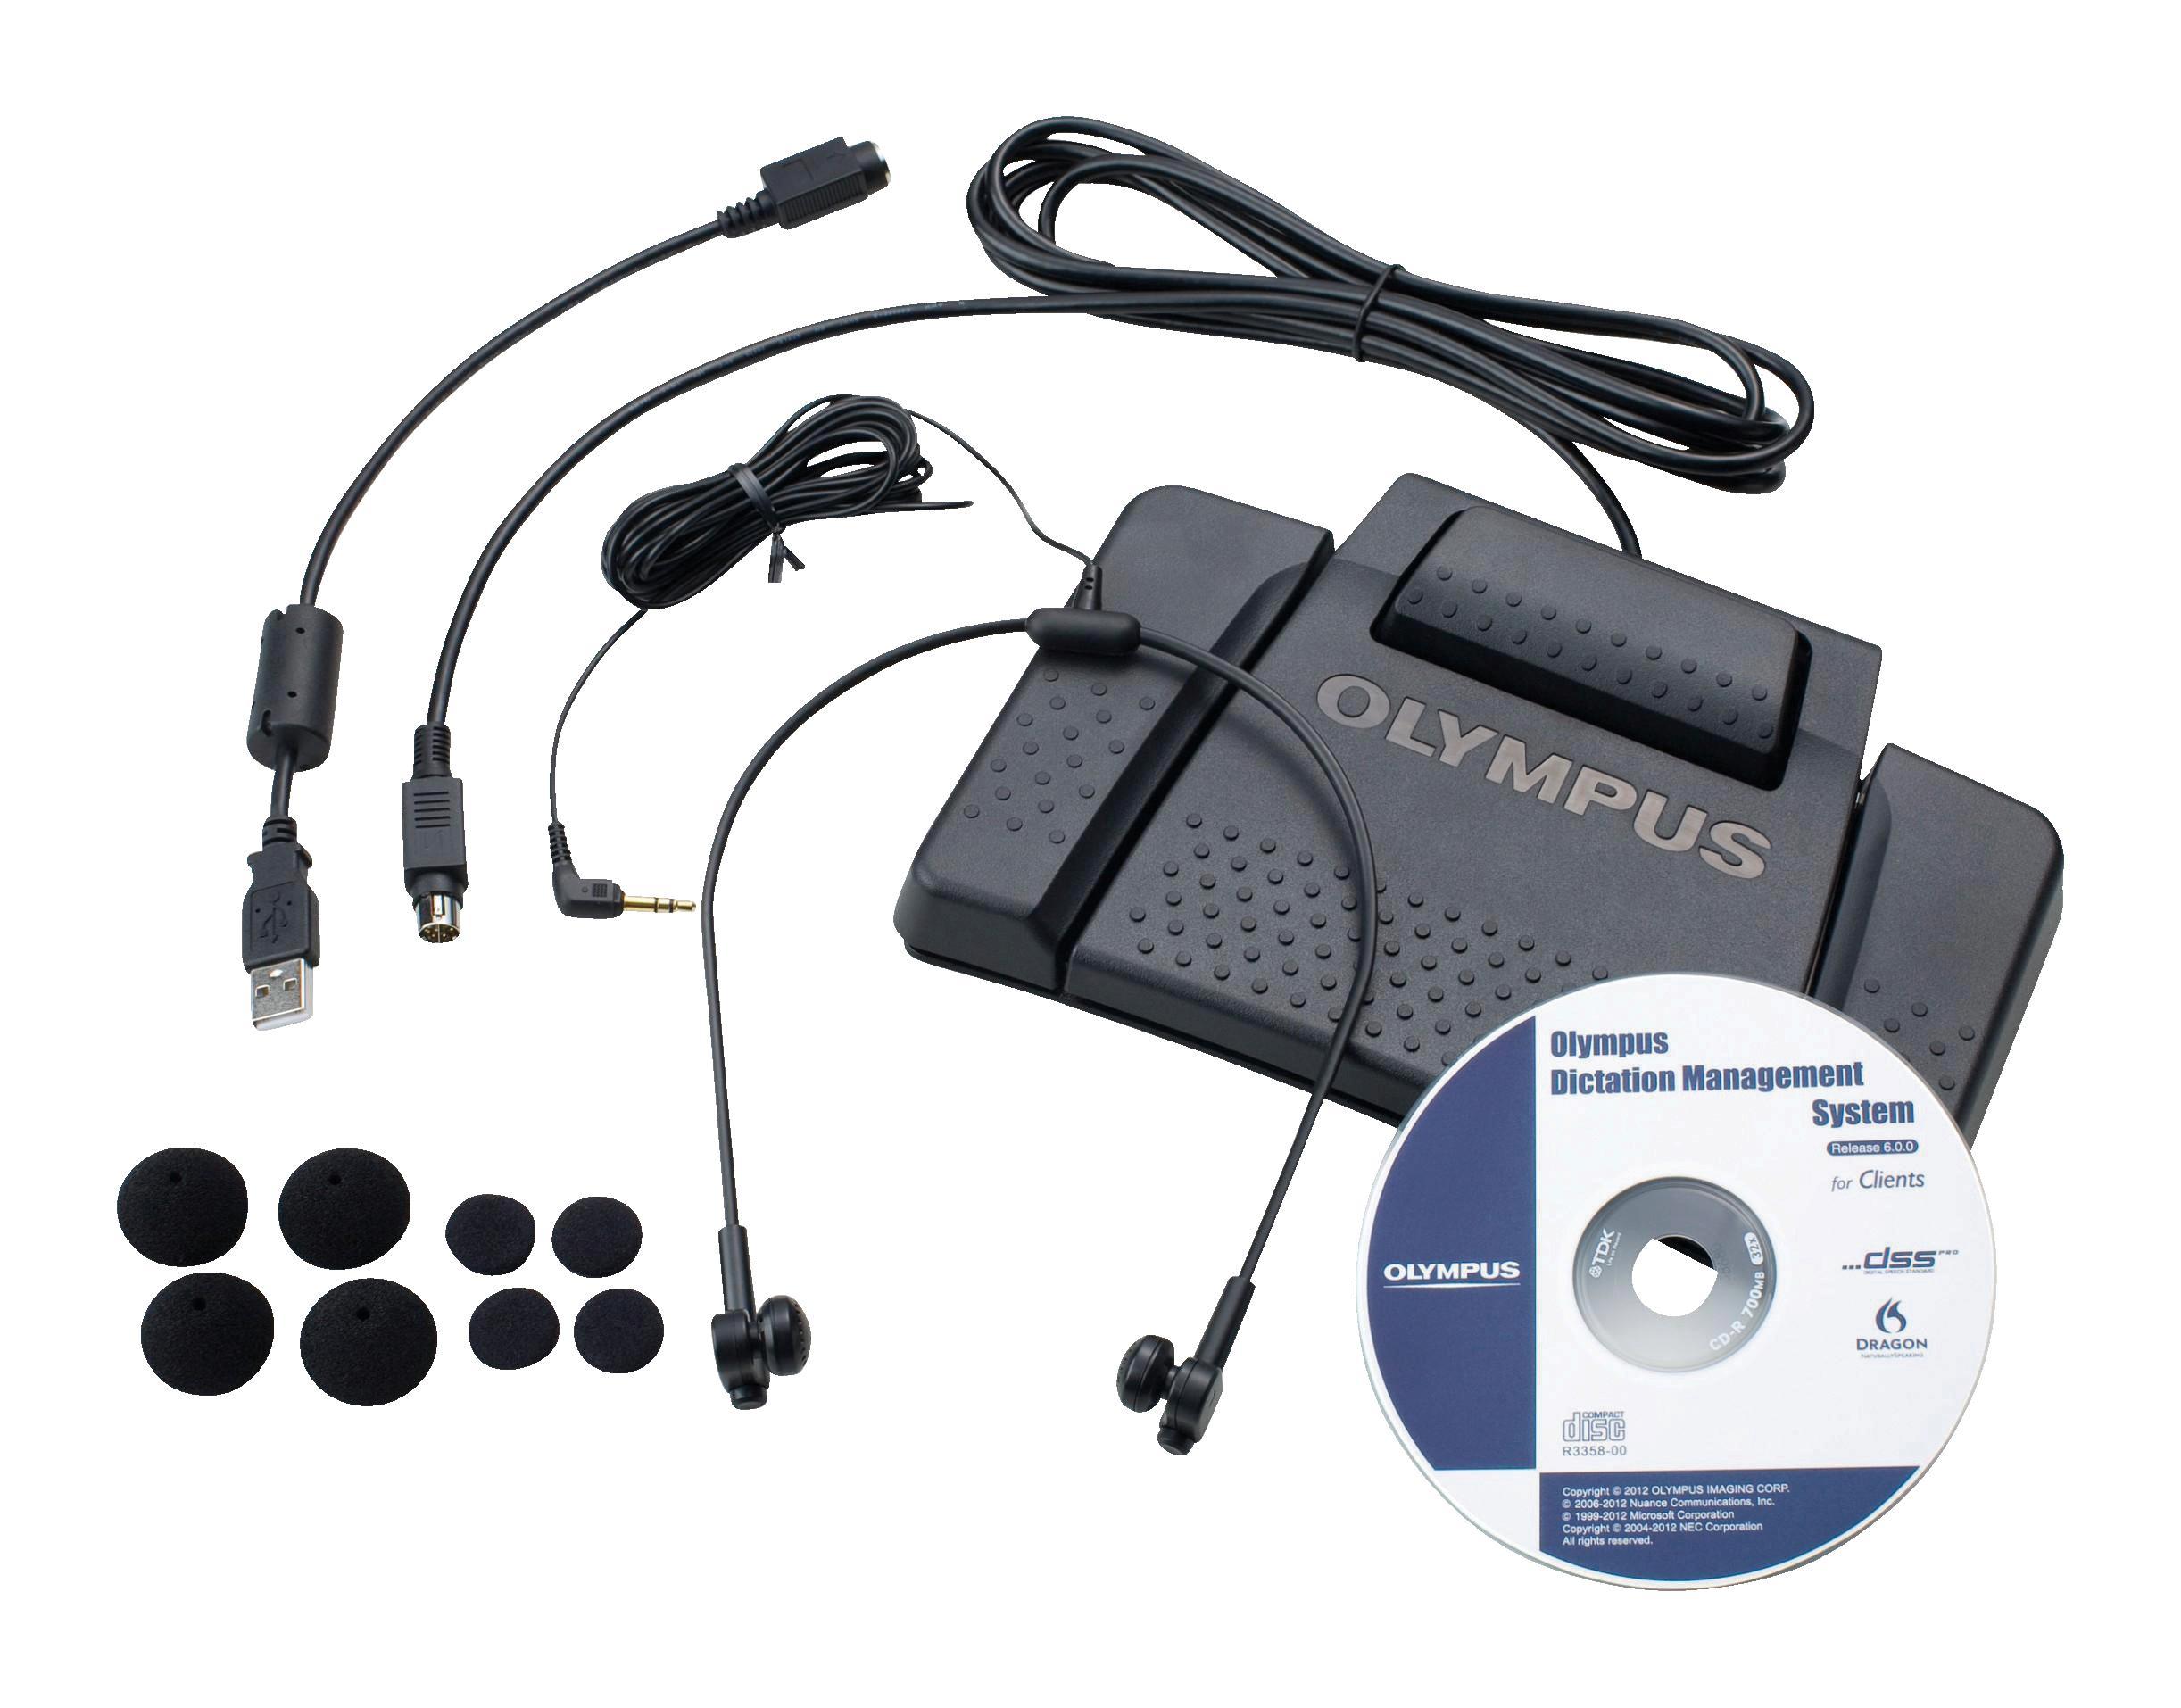 Image for Olympus AS-7000 Transcription Kit Ref V4511110E000